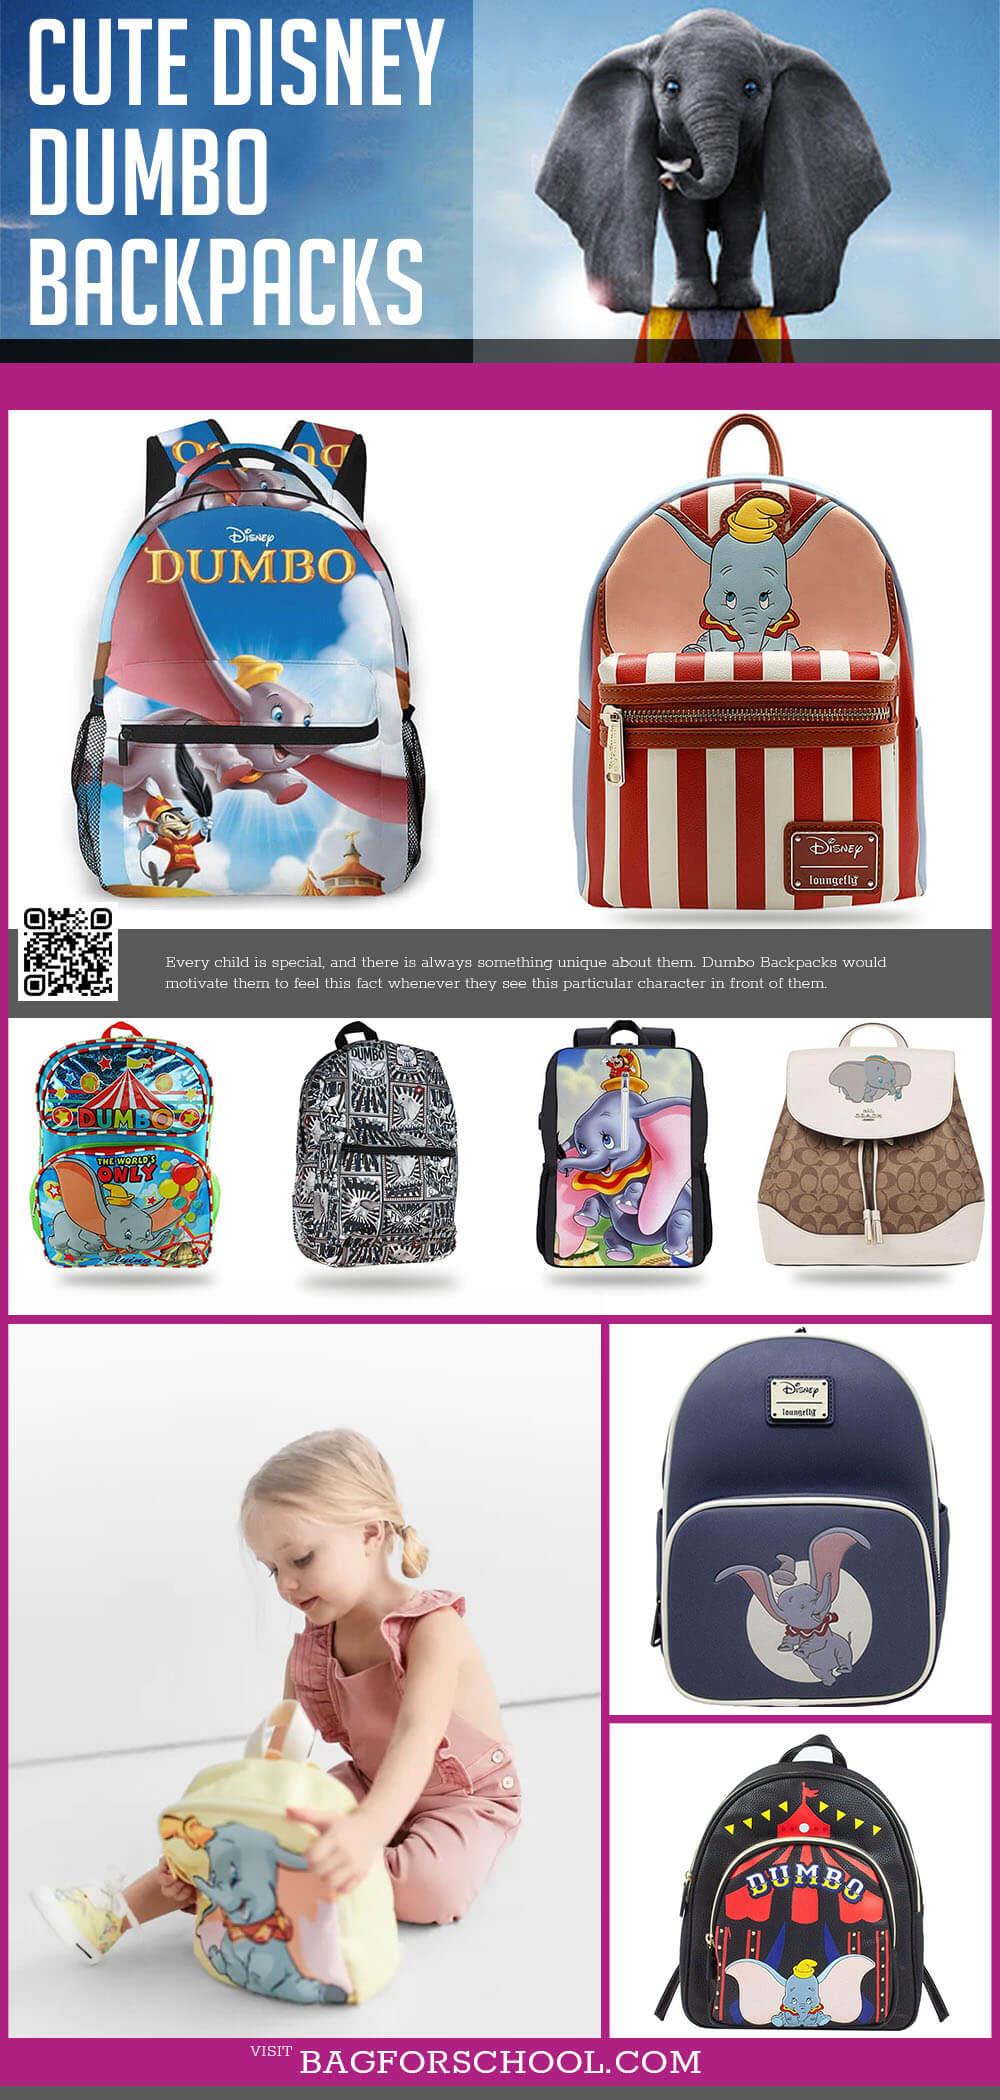 Disney Dumbo Backpacks